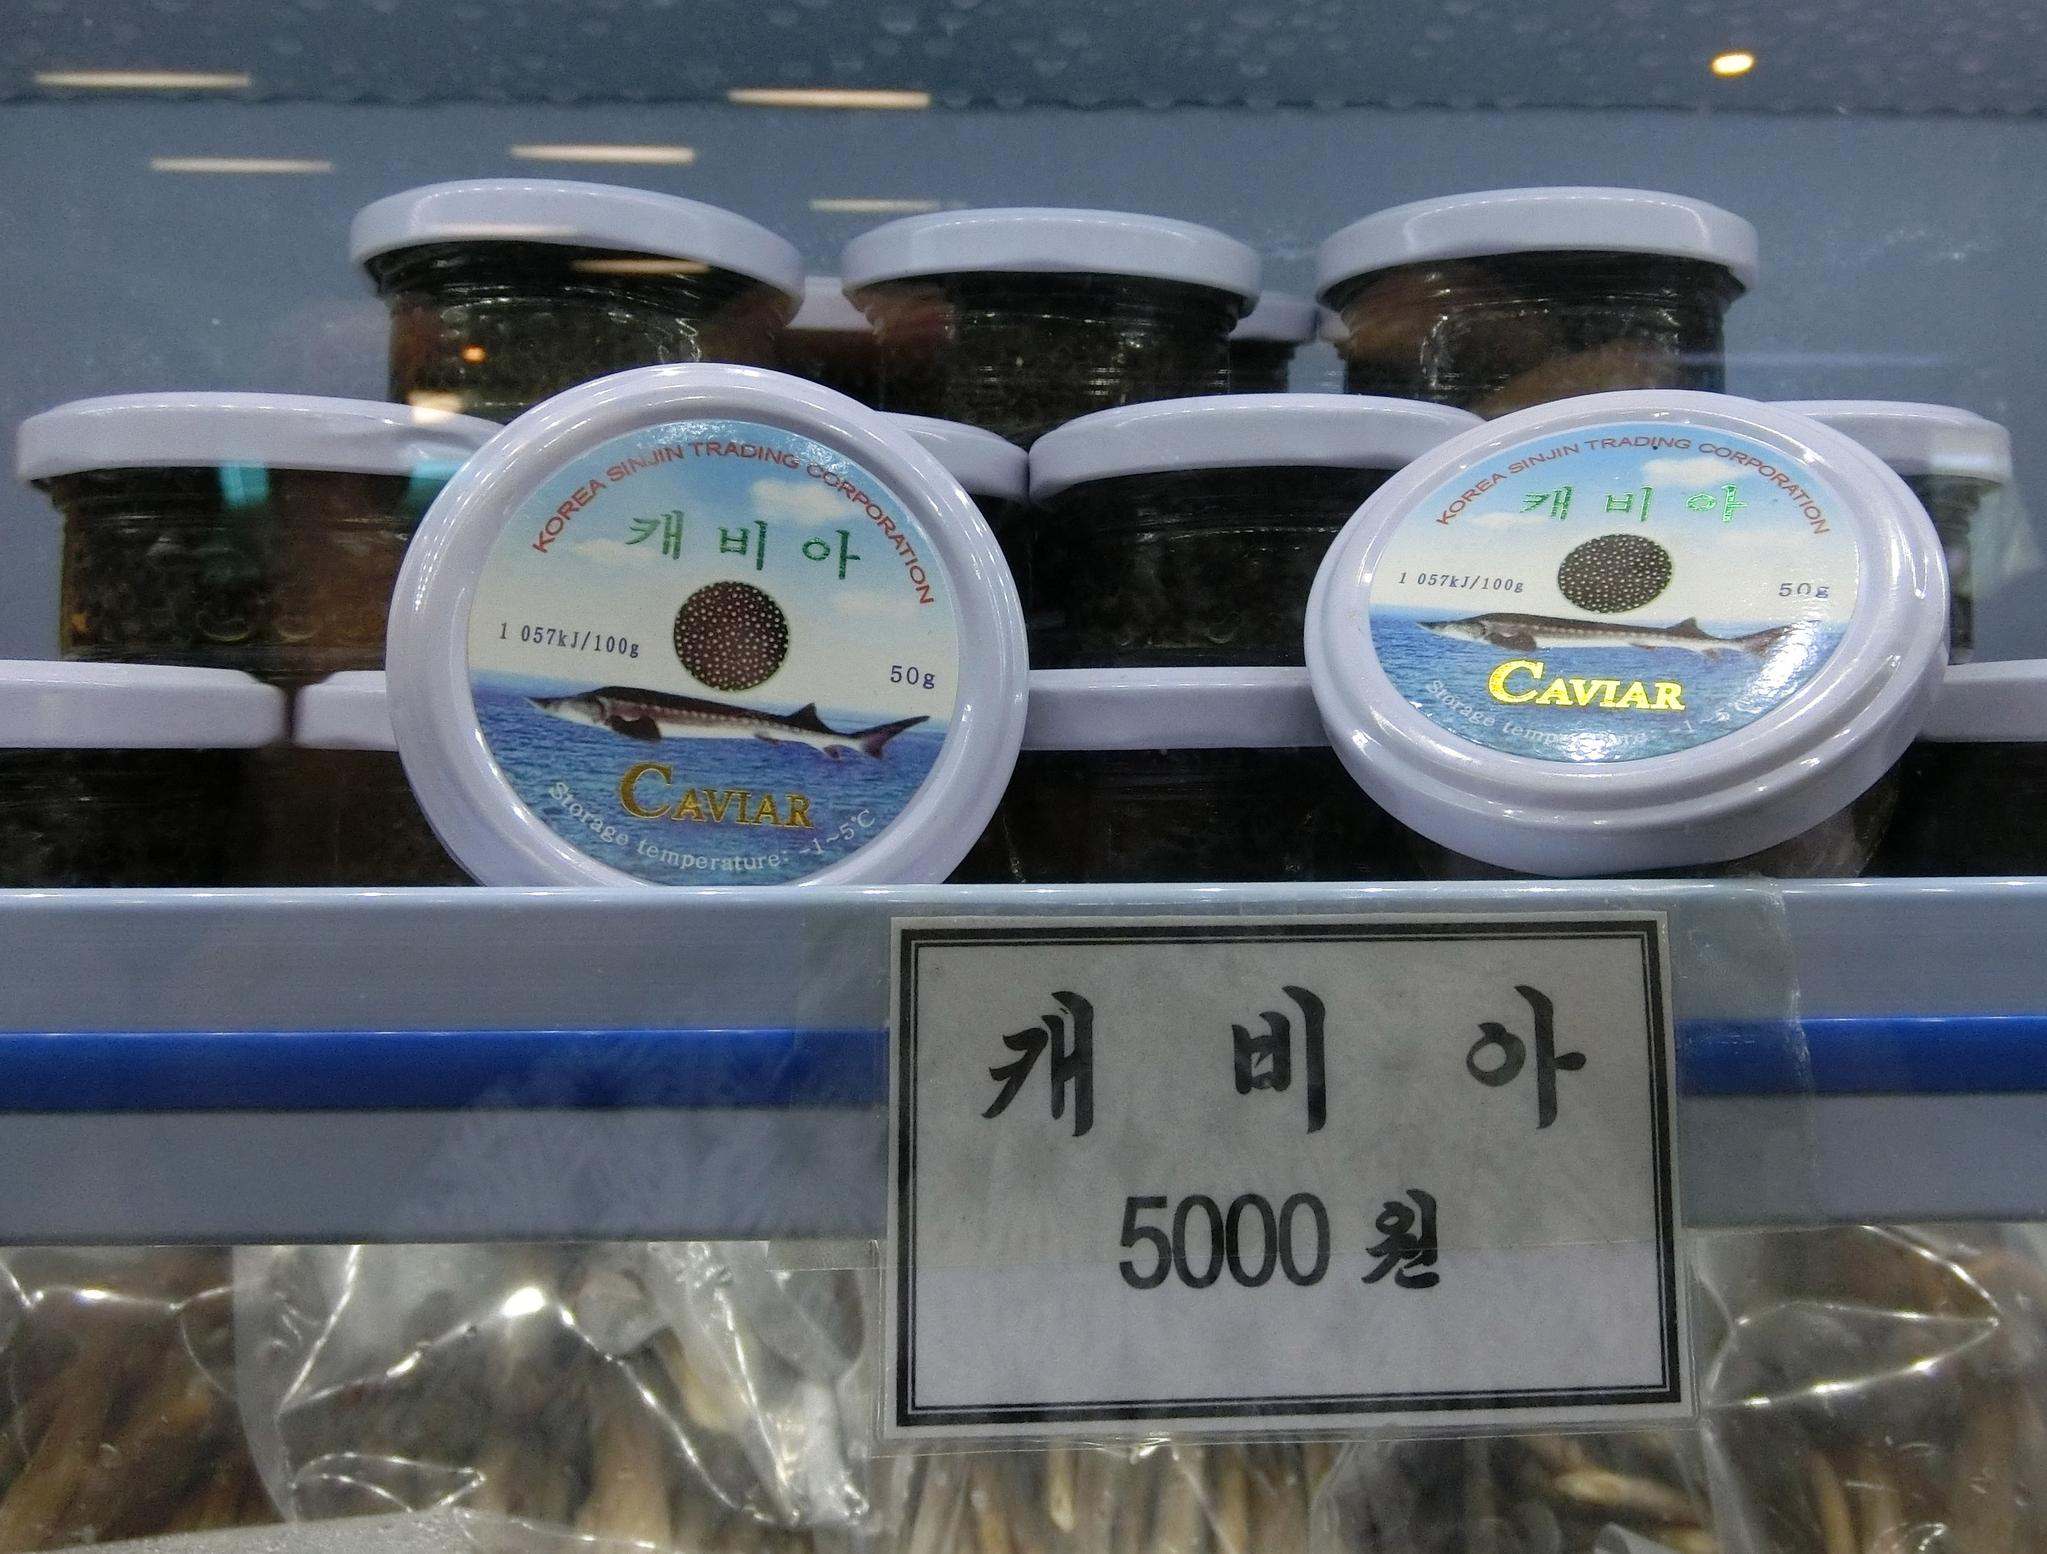 수산물과 식재료를 파는 2층 마트에 진열돼있는 캐비어. 철갑상어 알을 소금에 절인 음식이다.이정민 기자